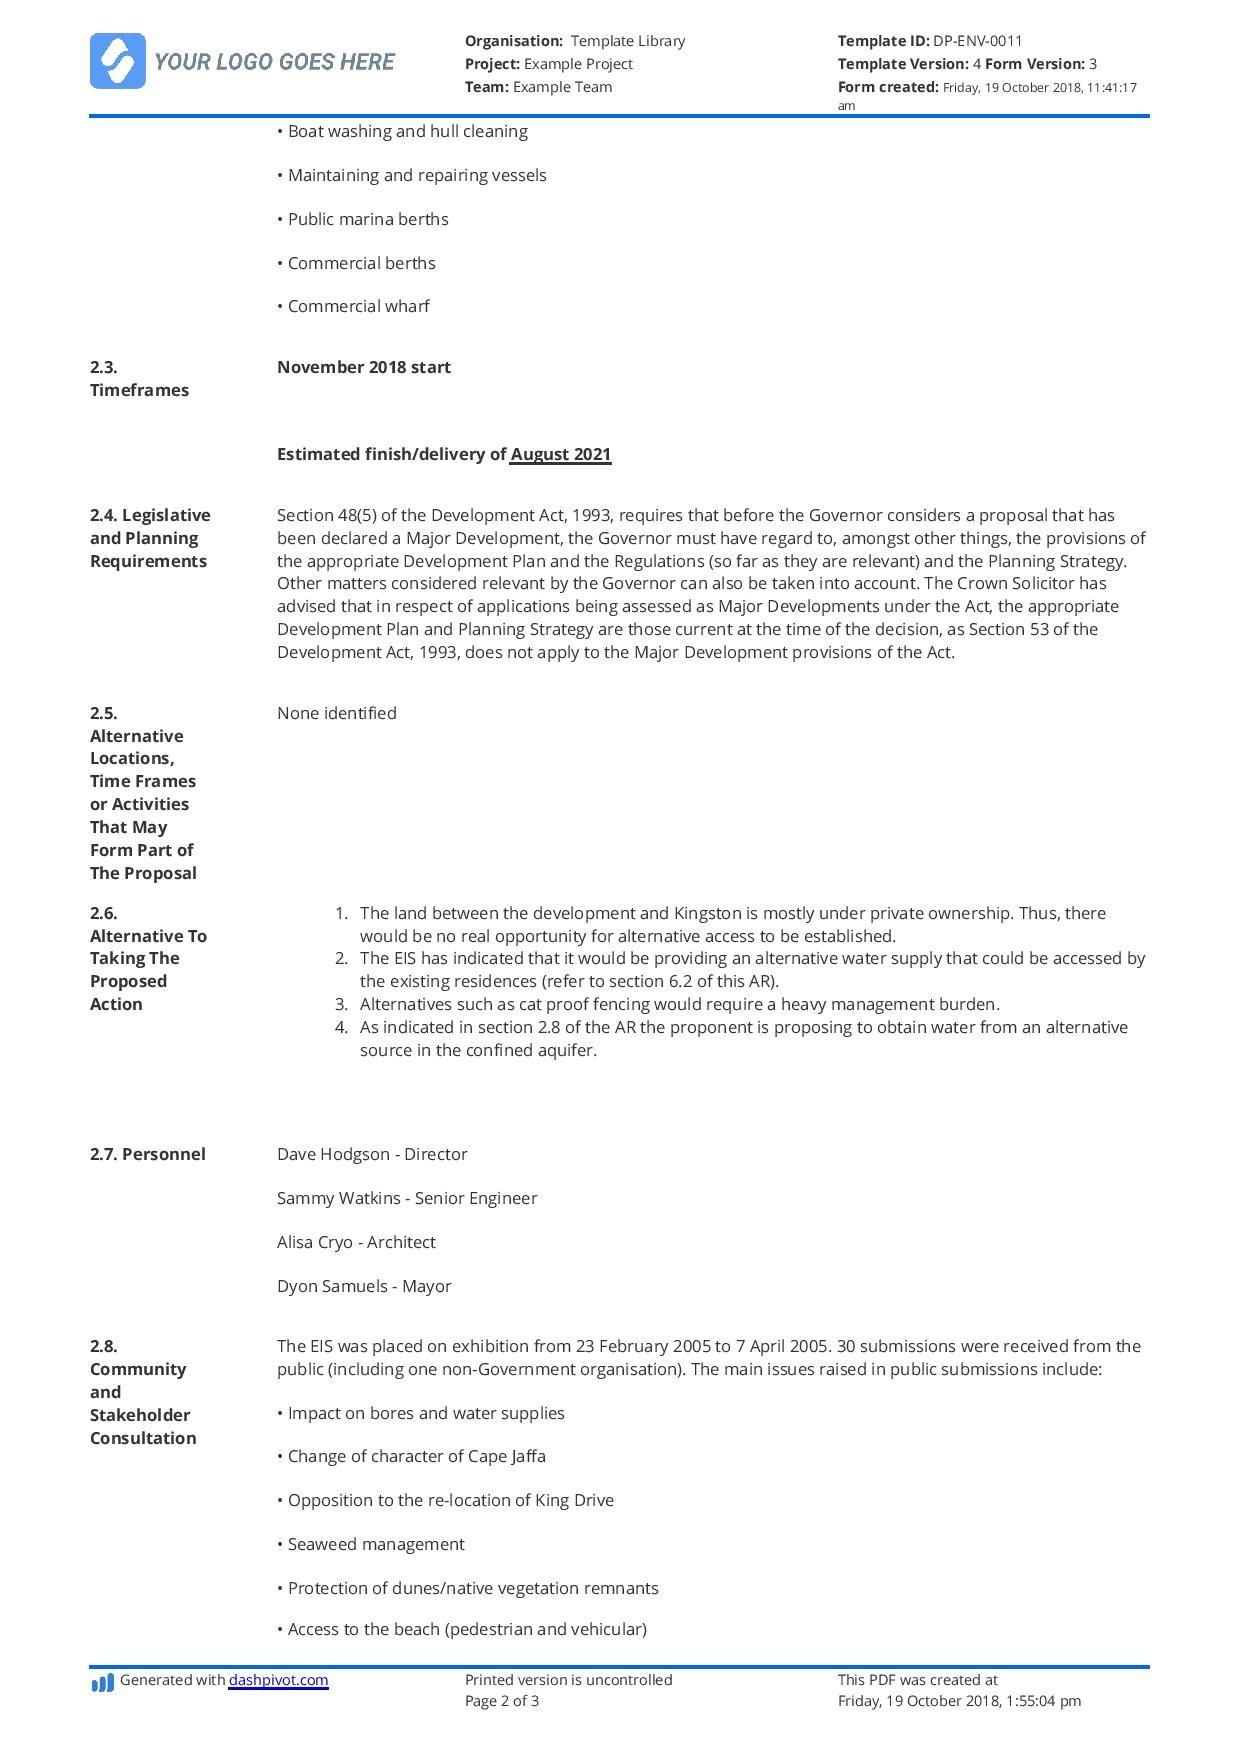 Environmental Impact Assessment Report Template  Use It Free With Environmental Impact Report Template